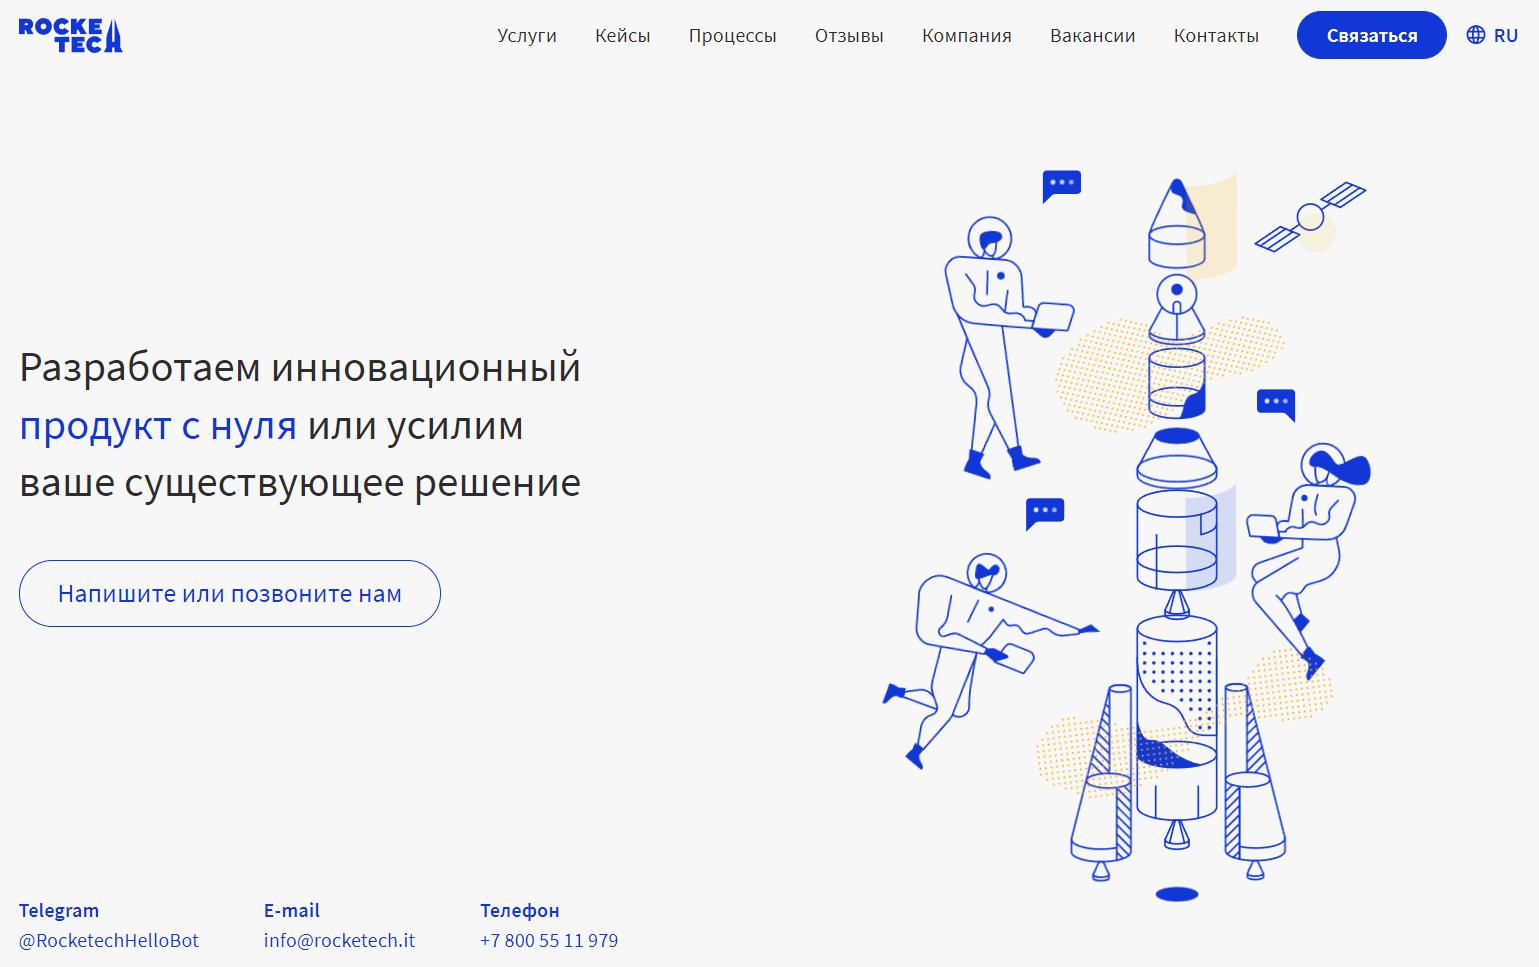 ROCKETECH - обзор компании, услуги, отзывы, клиенты, Фото № 1 - google-seo.pro